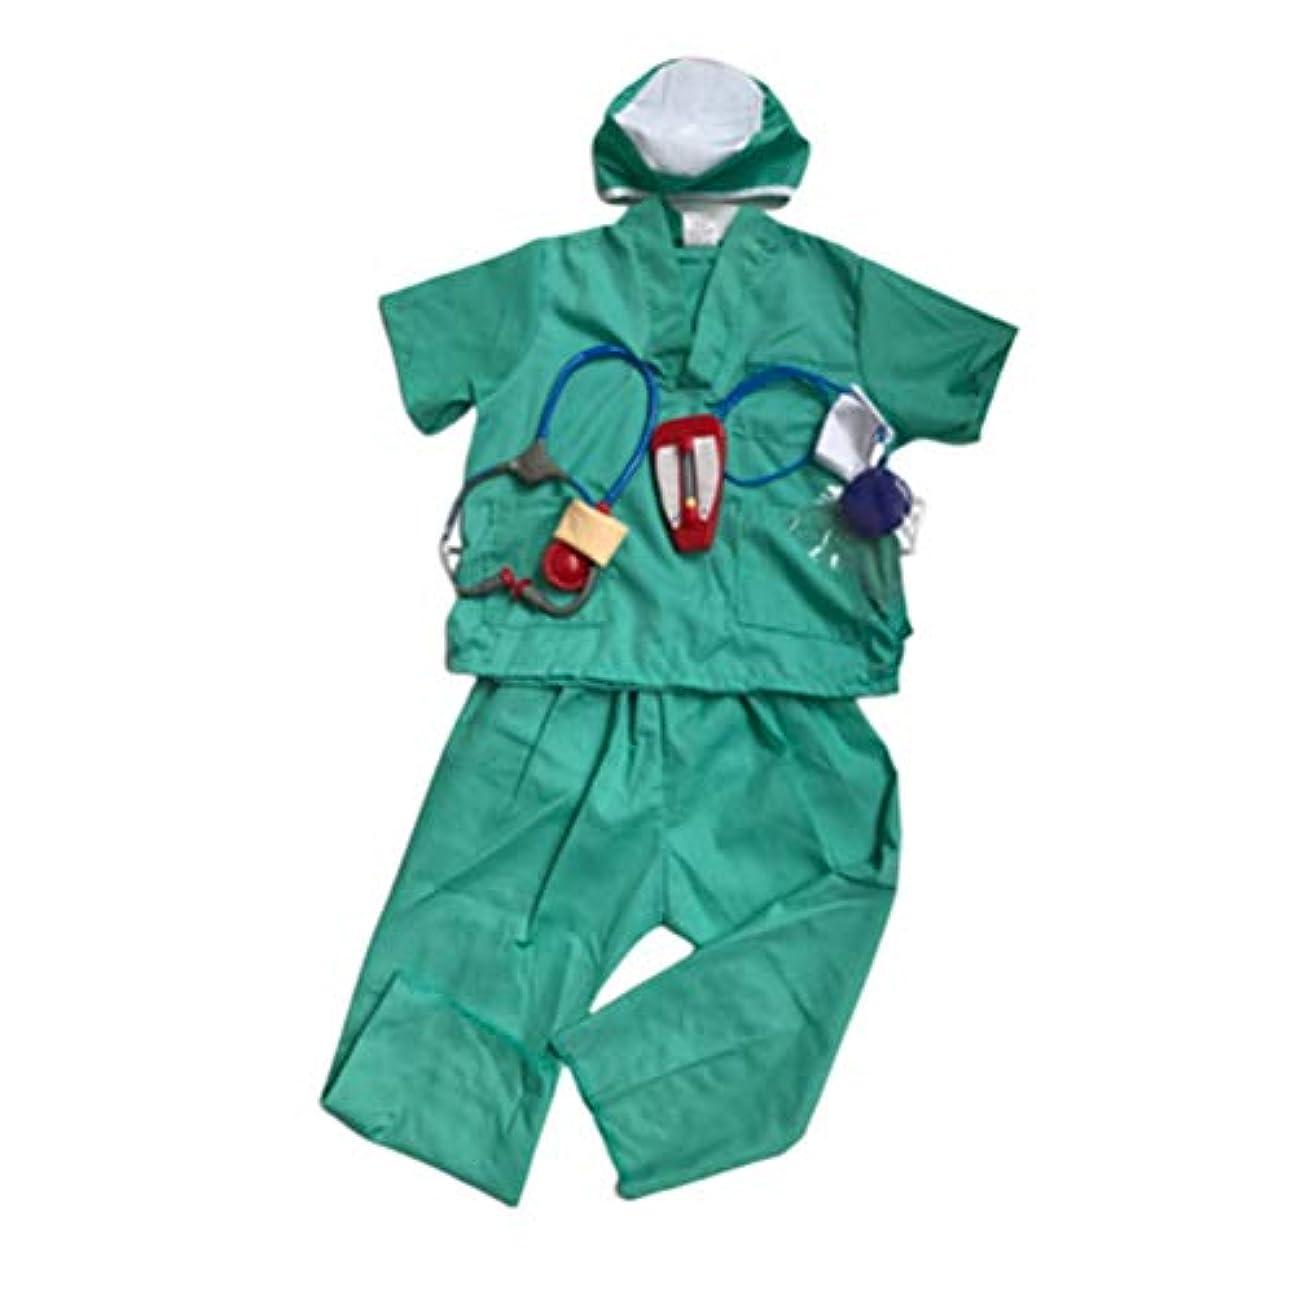 騒々しいインディカ速報Amosfunドクターユニフォーム子供のための子供手術ガウンコスプレ衣装ロールプレイ衣装ハロウィン仮装パーティー